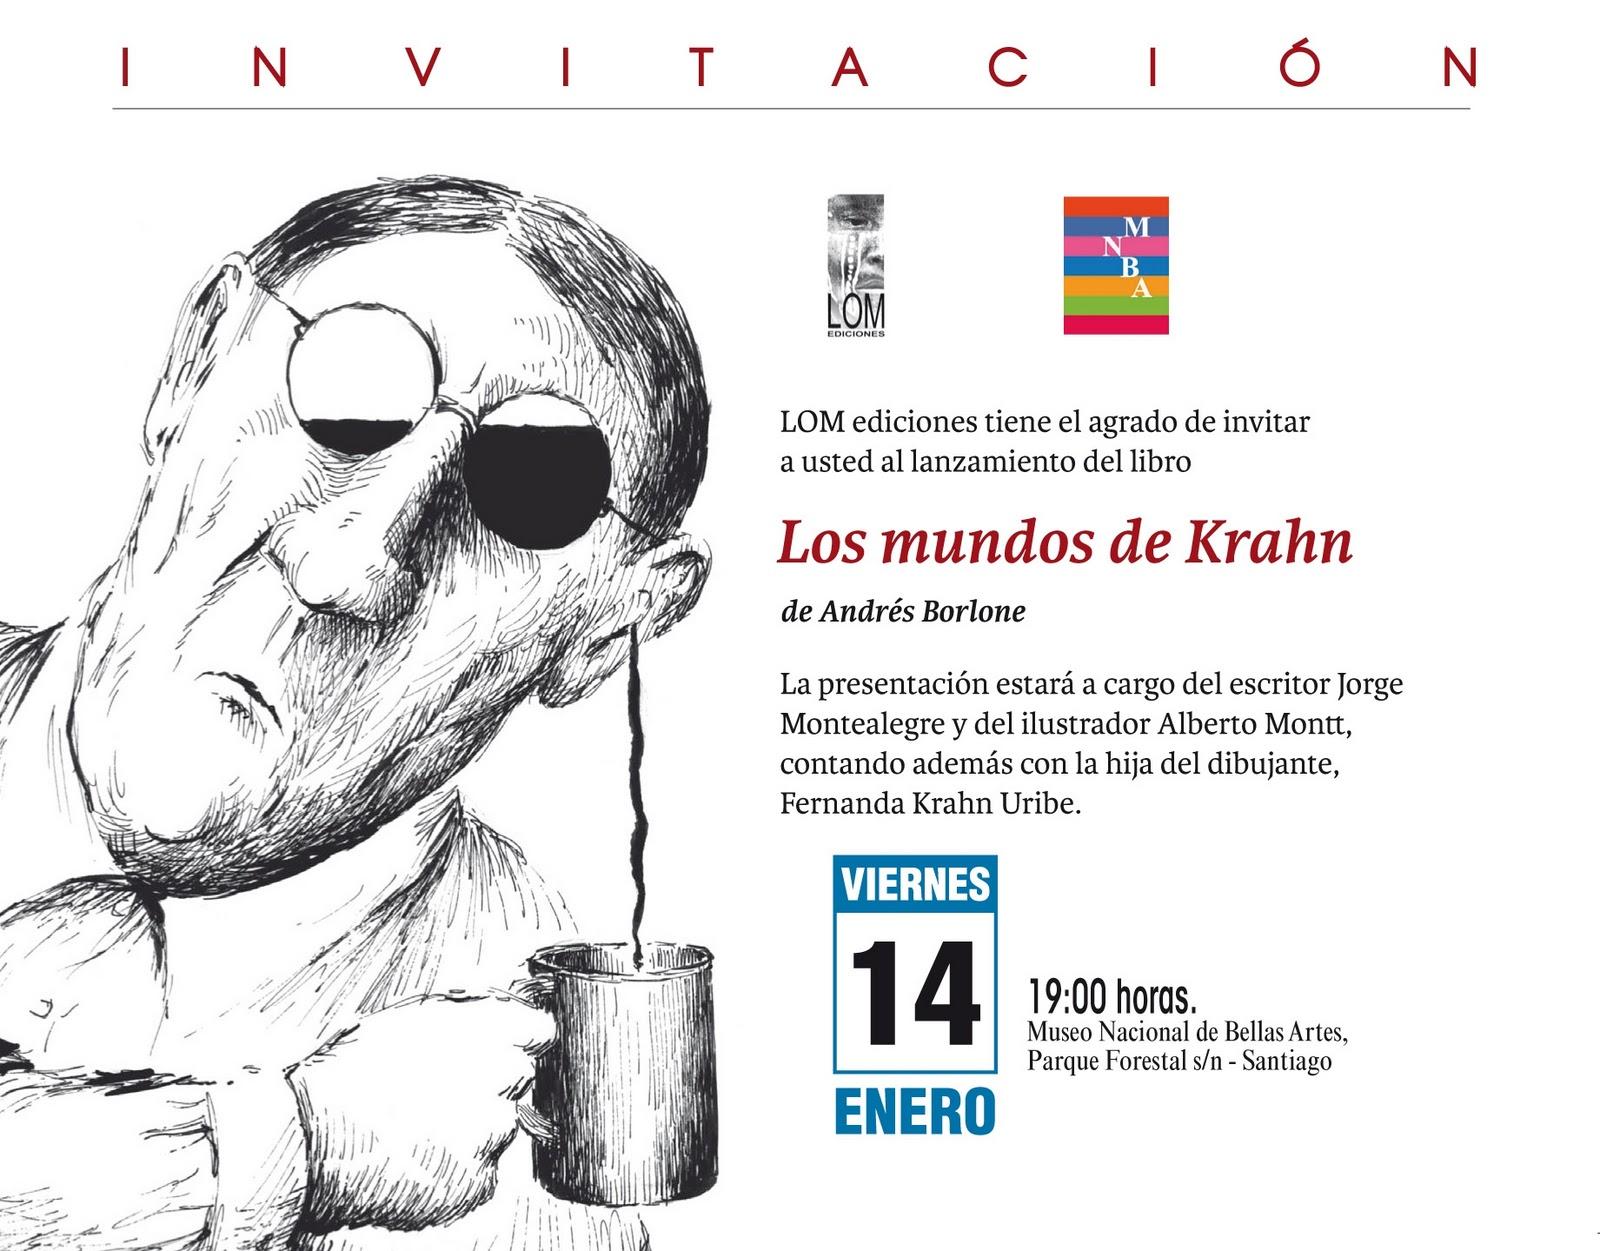 La p gina de andr s morales lanzamiento del libro los - Libreria hispanoamericana barcelona ...